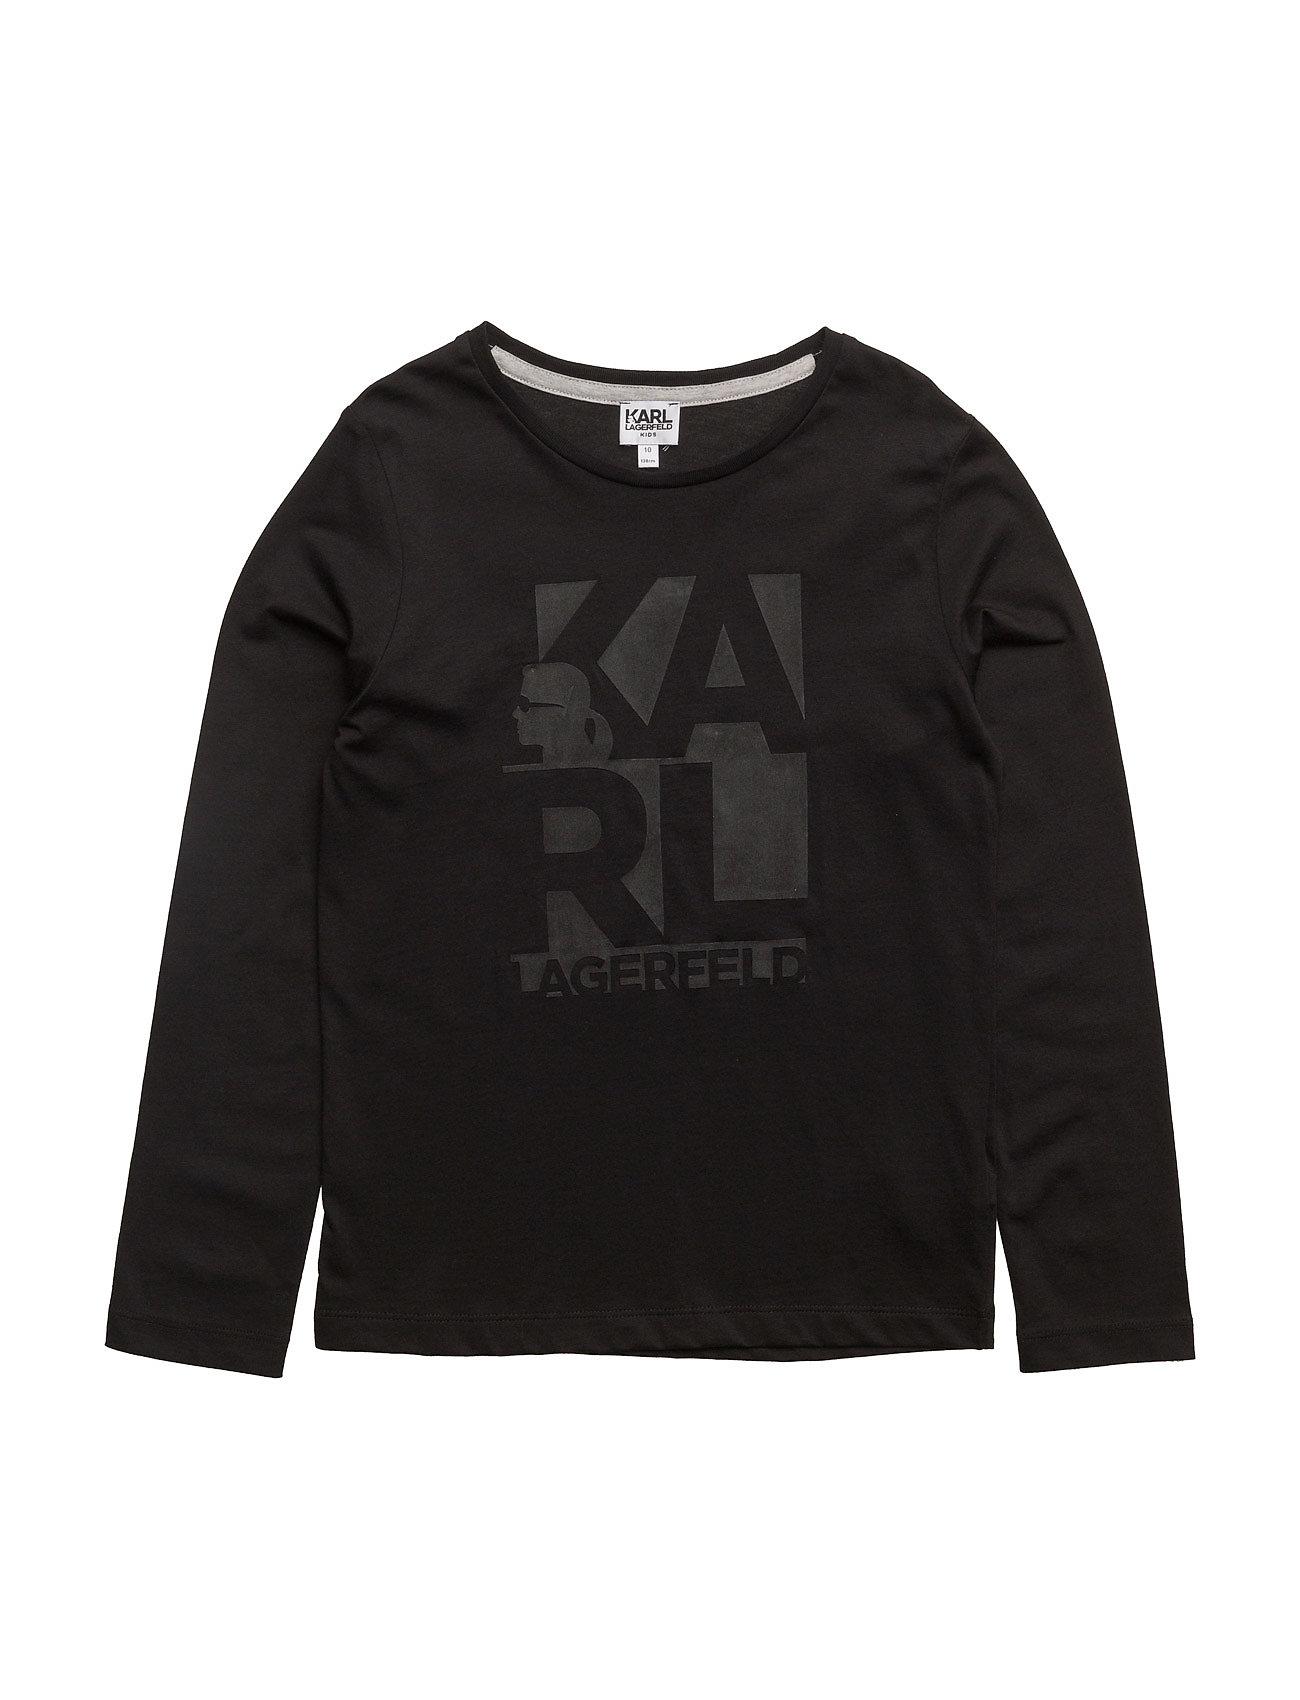 karl lagerfeld – T-shirt fra boozt.com dk